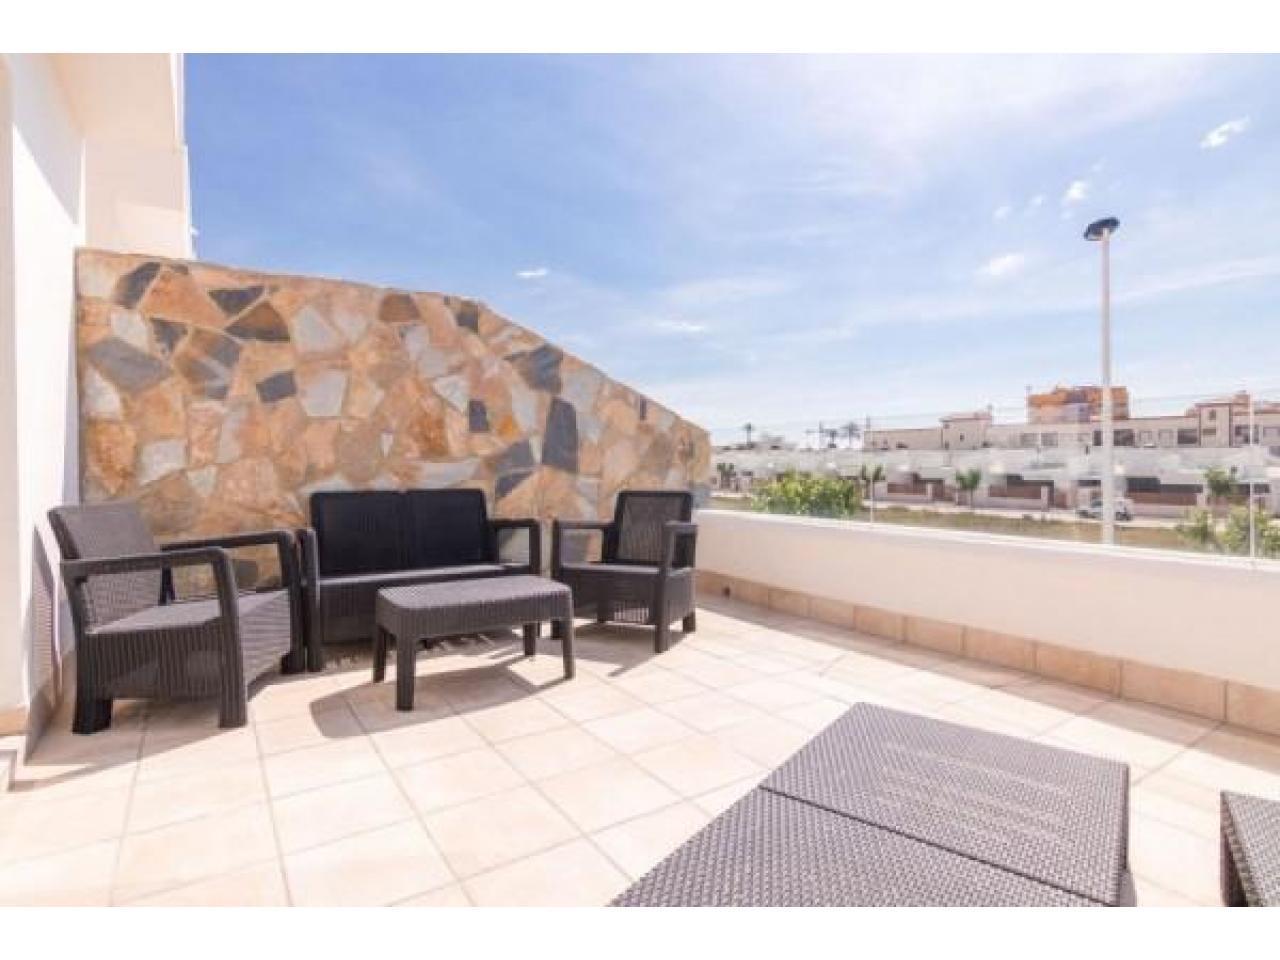 Недвижимость в Испании, Новая вилла рядом с пляжем от застройщика в Лос Алькасарес - 9